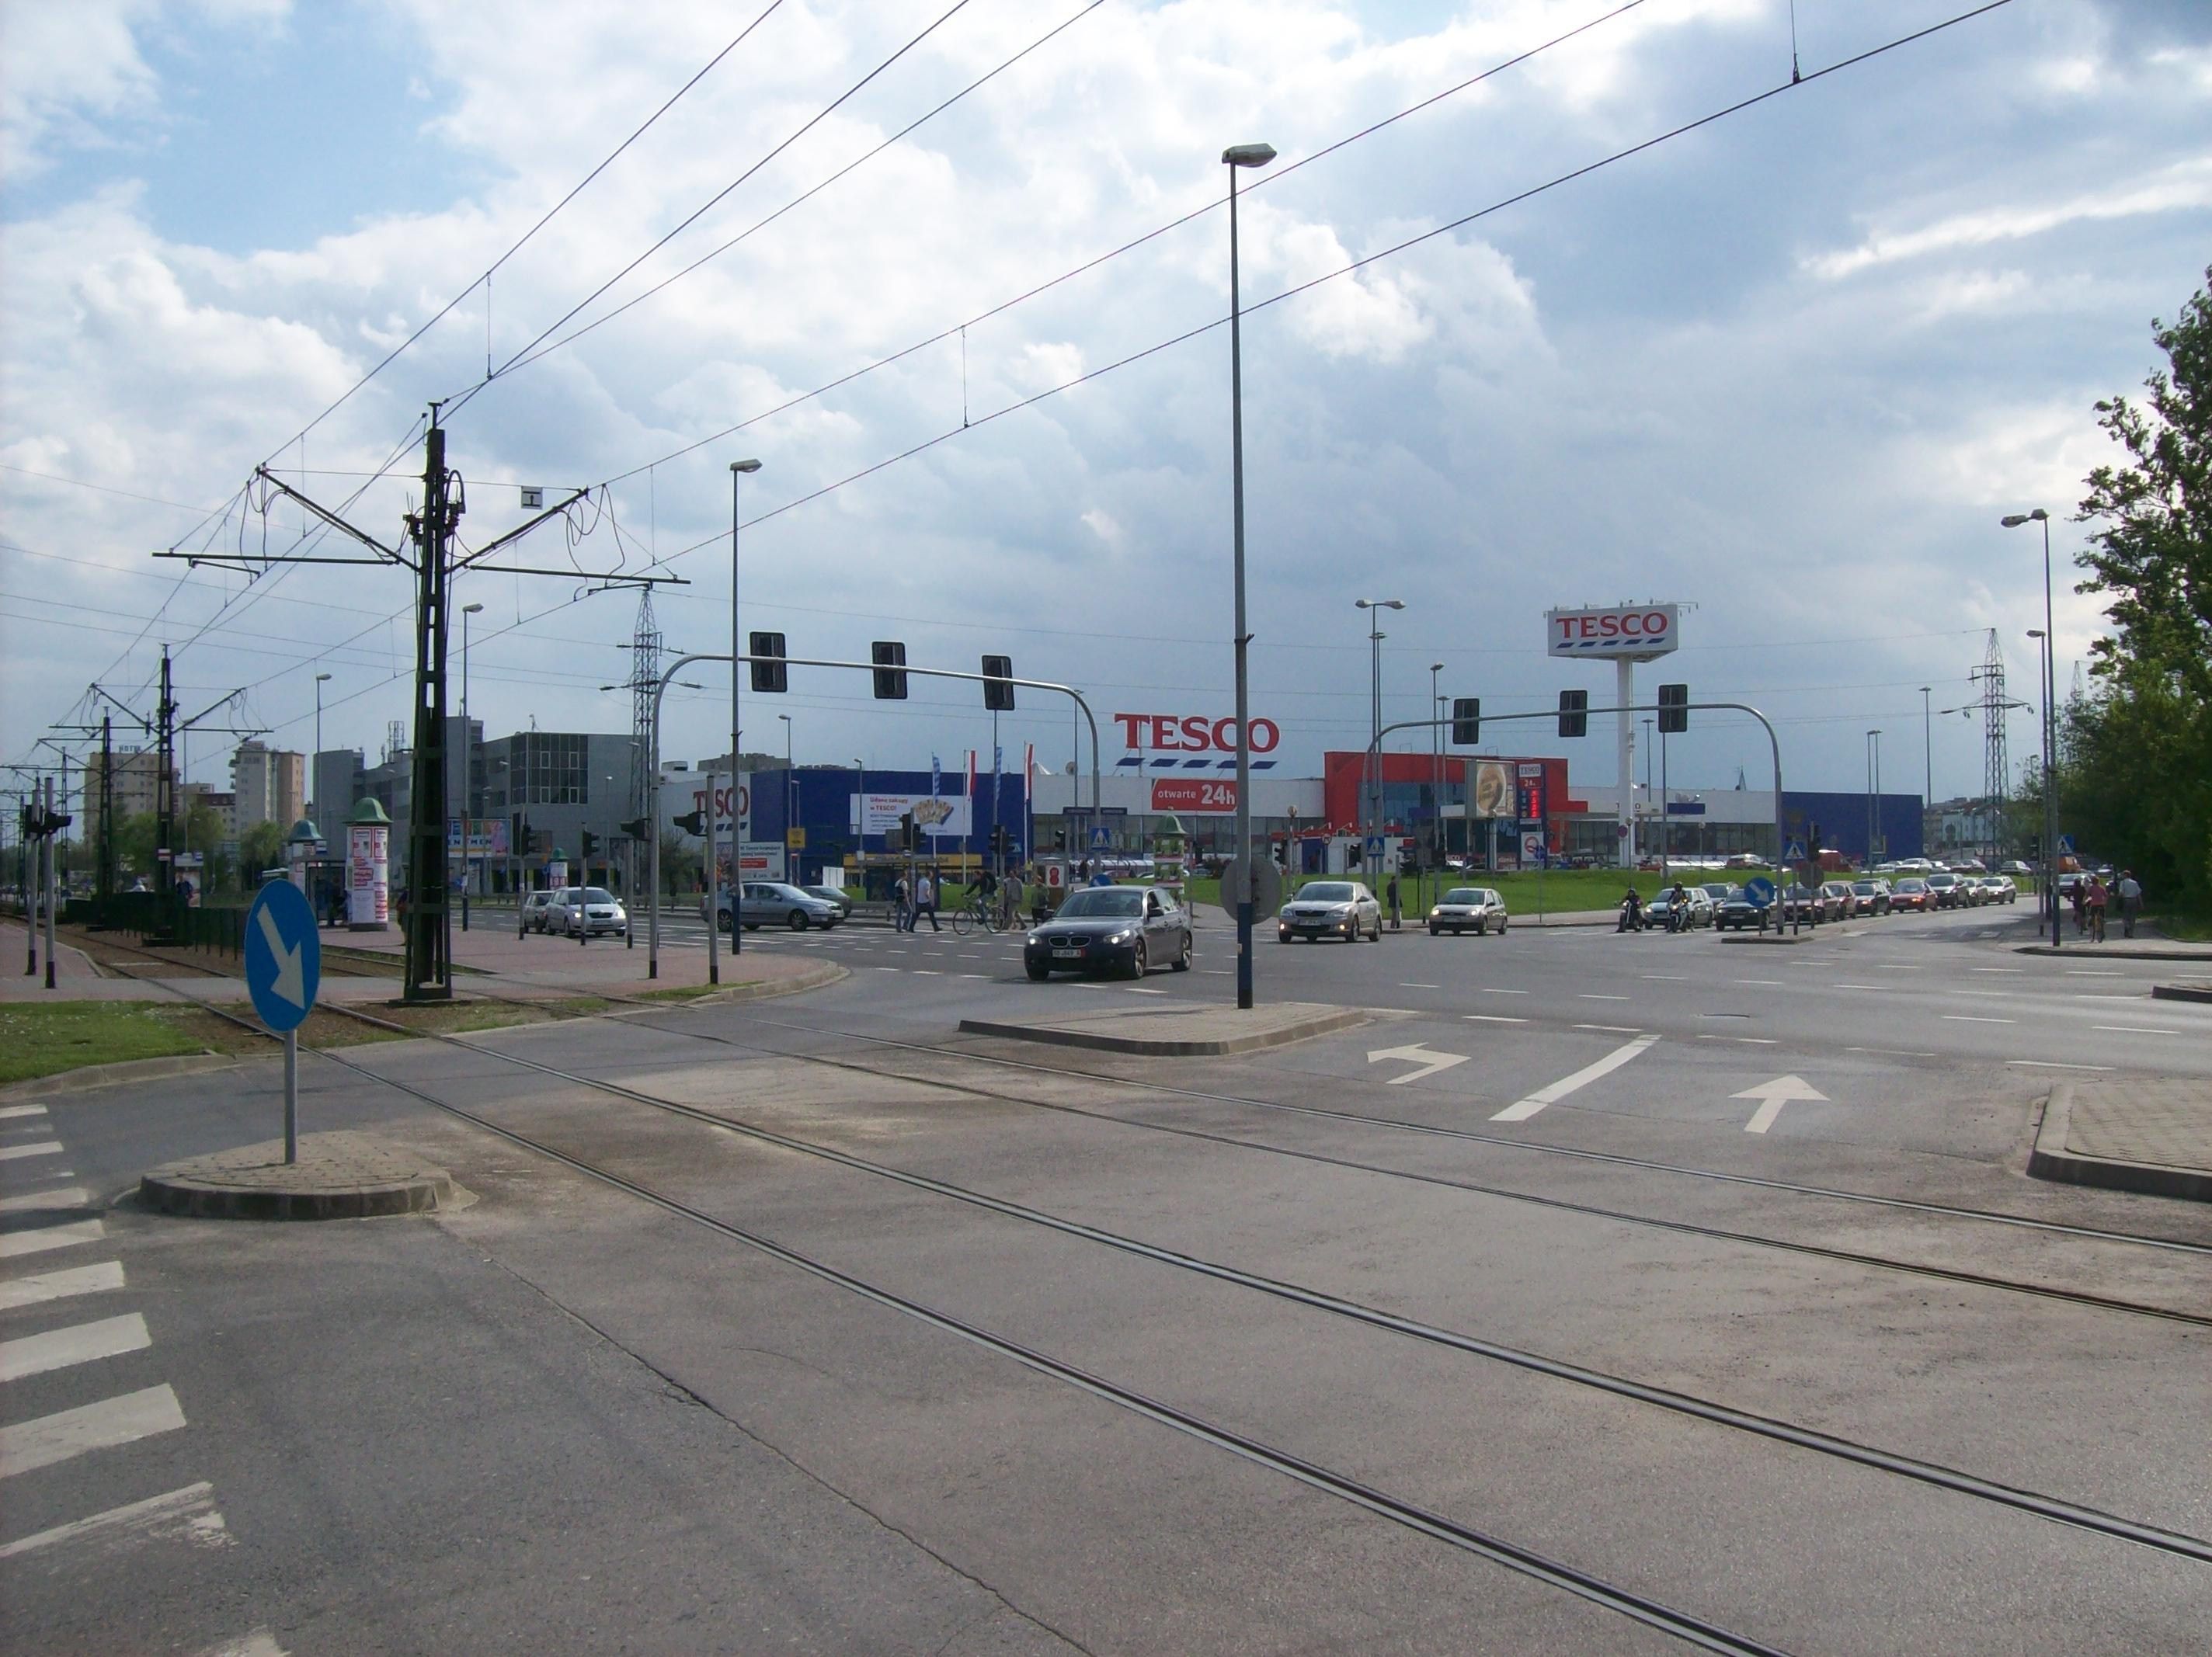 image Polski upskirt w tesco